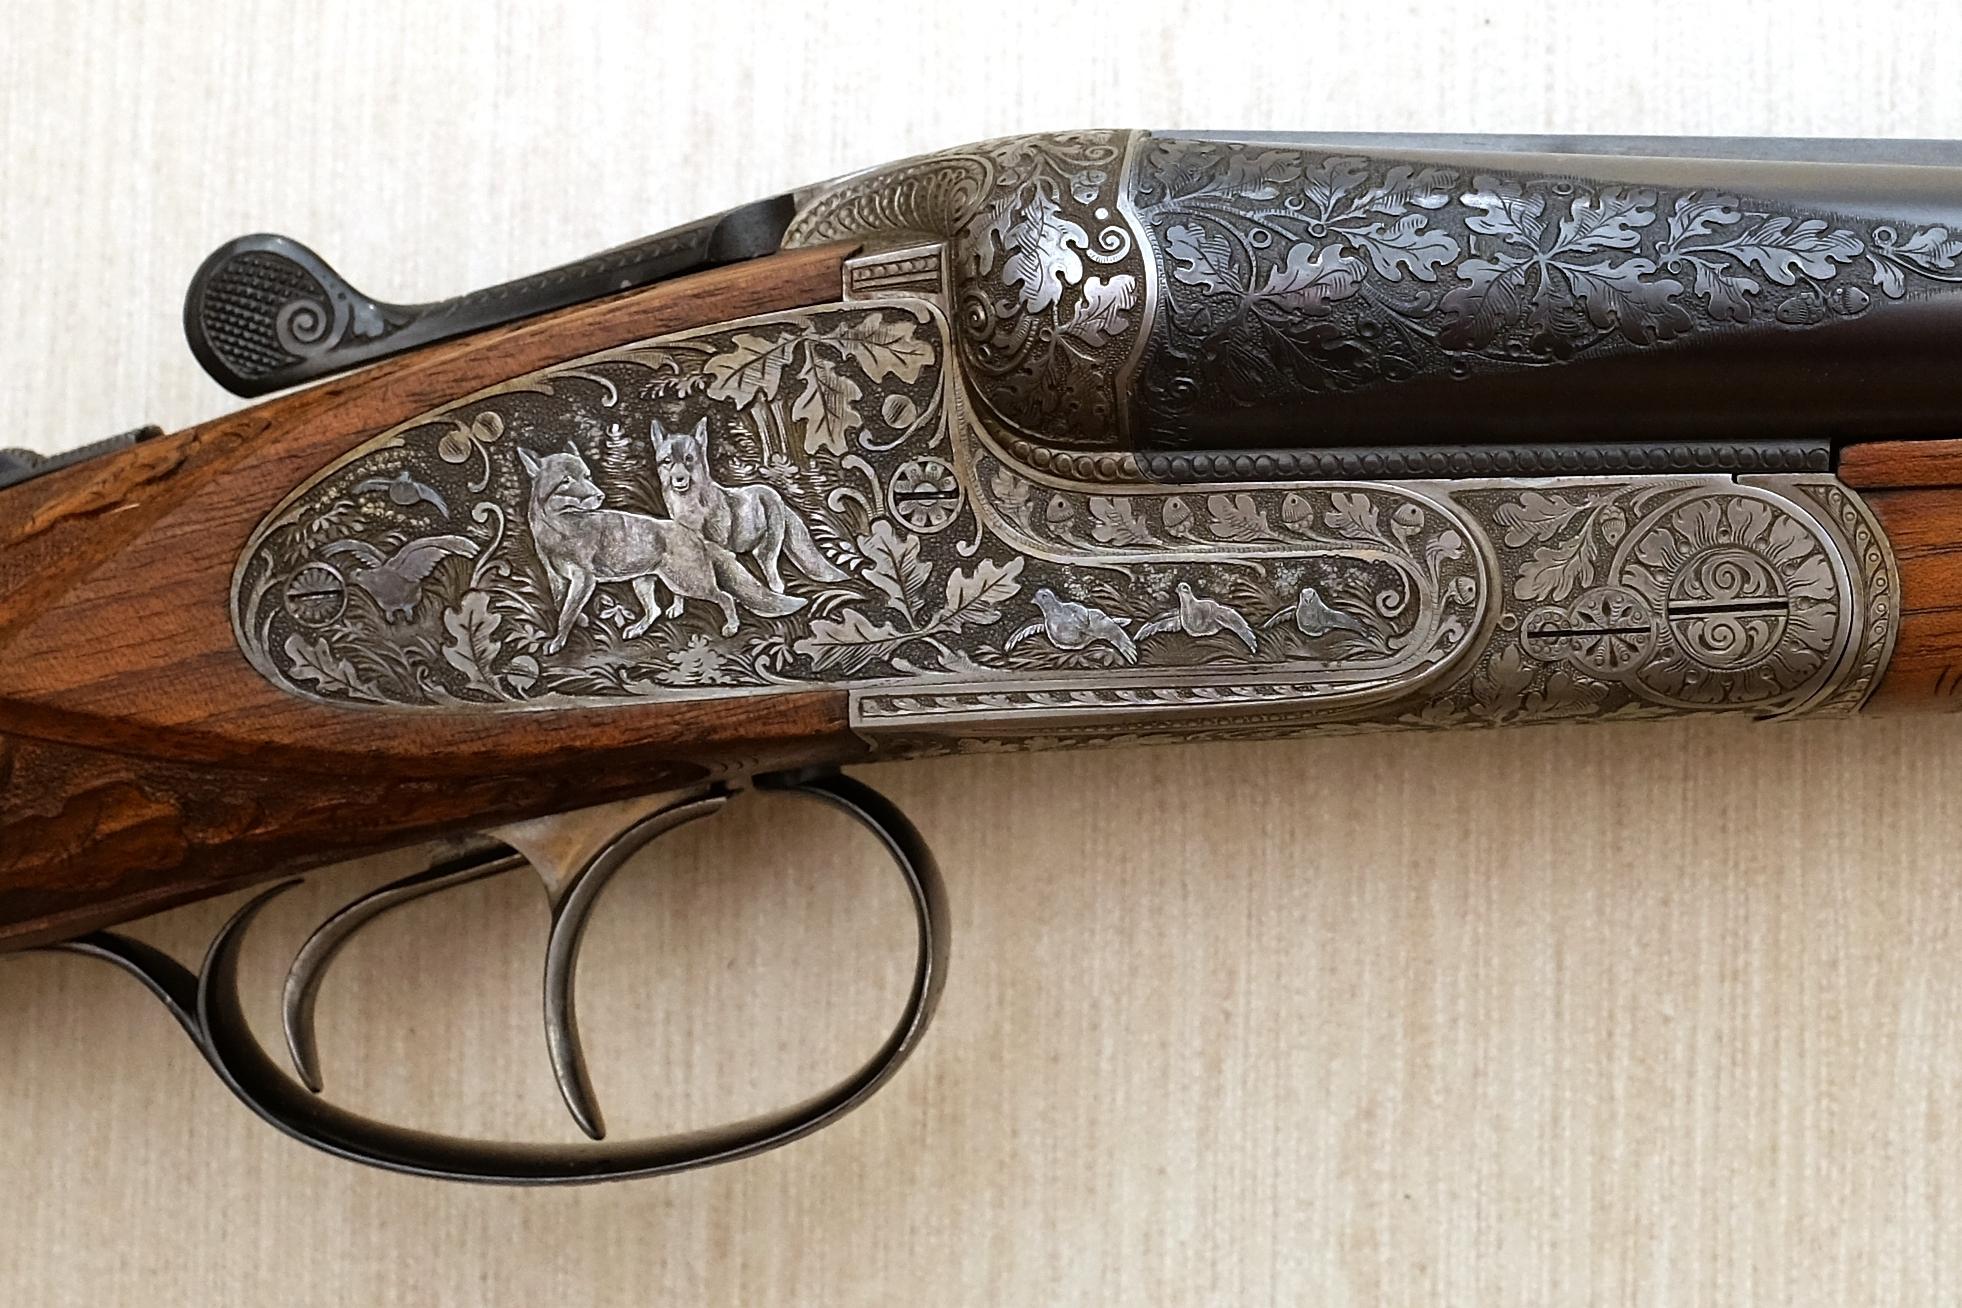 Закон об охотничье оружие до 1900 года